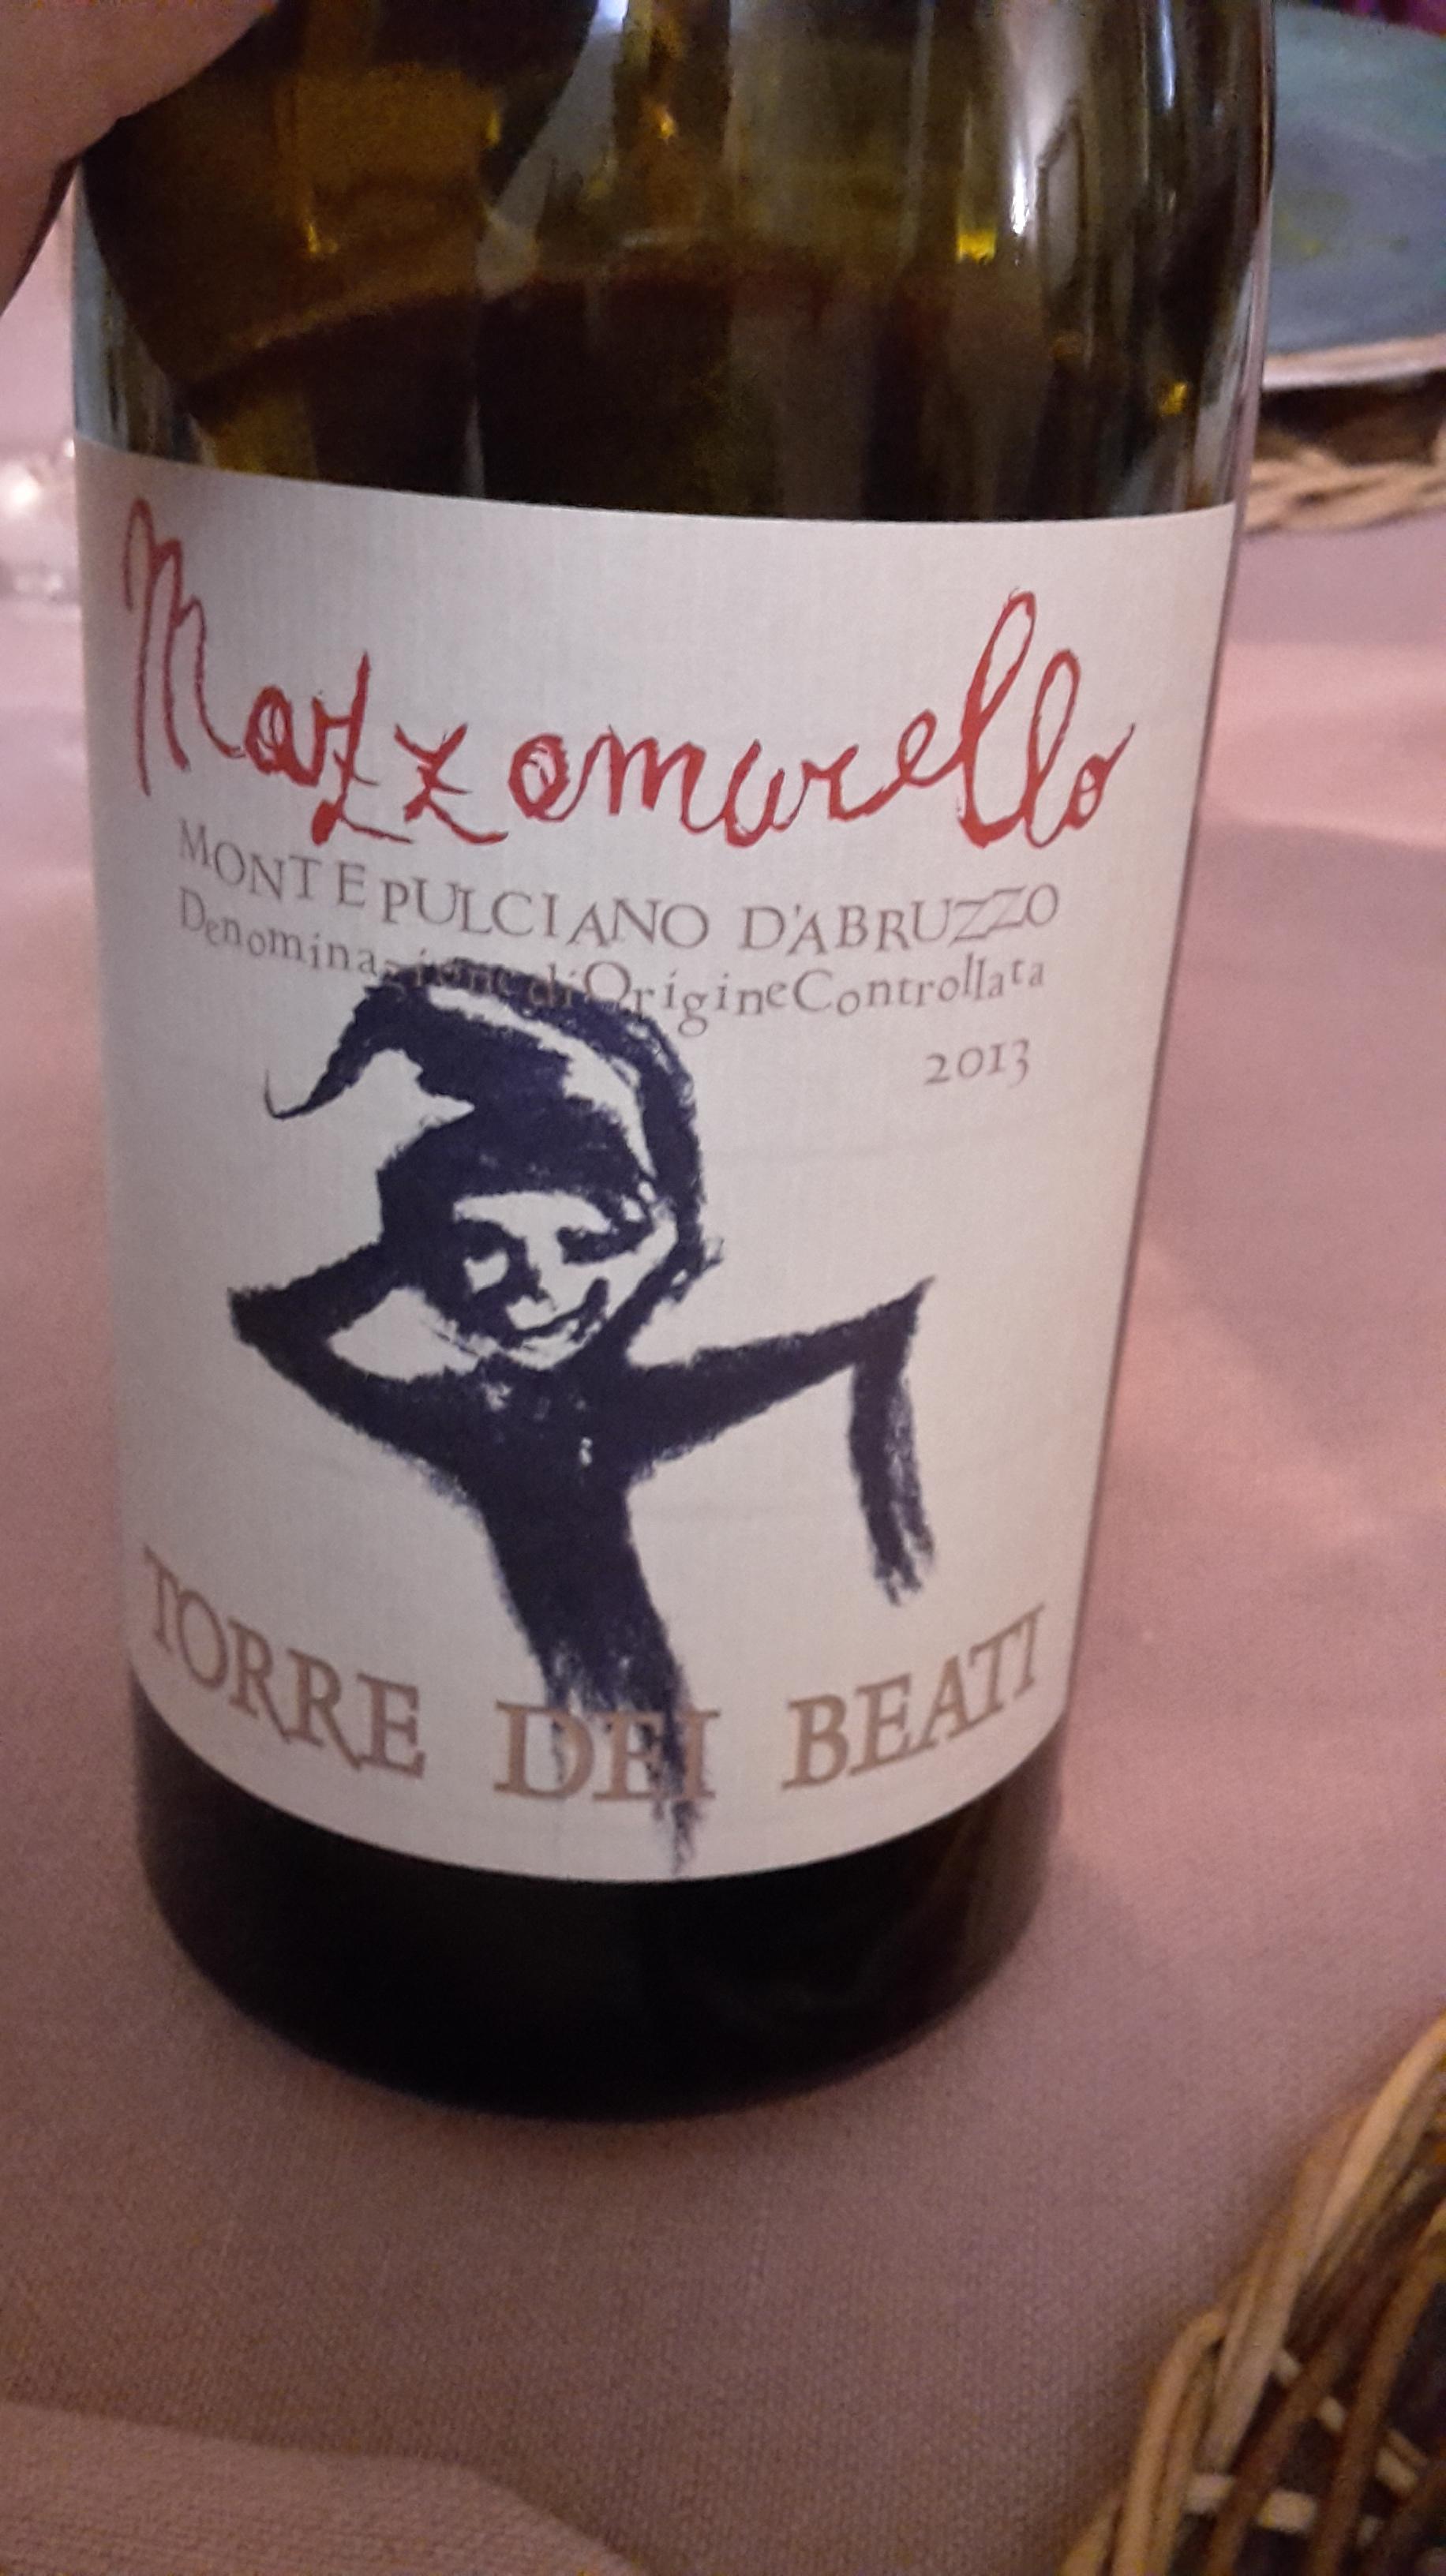 Montepulciano d'Abruzzo Doc – Mazzamurello 2013: l'imperdibile vino-folletto di Torre dei Beati